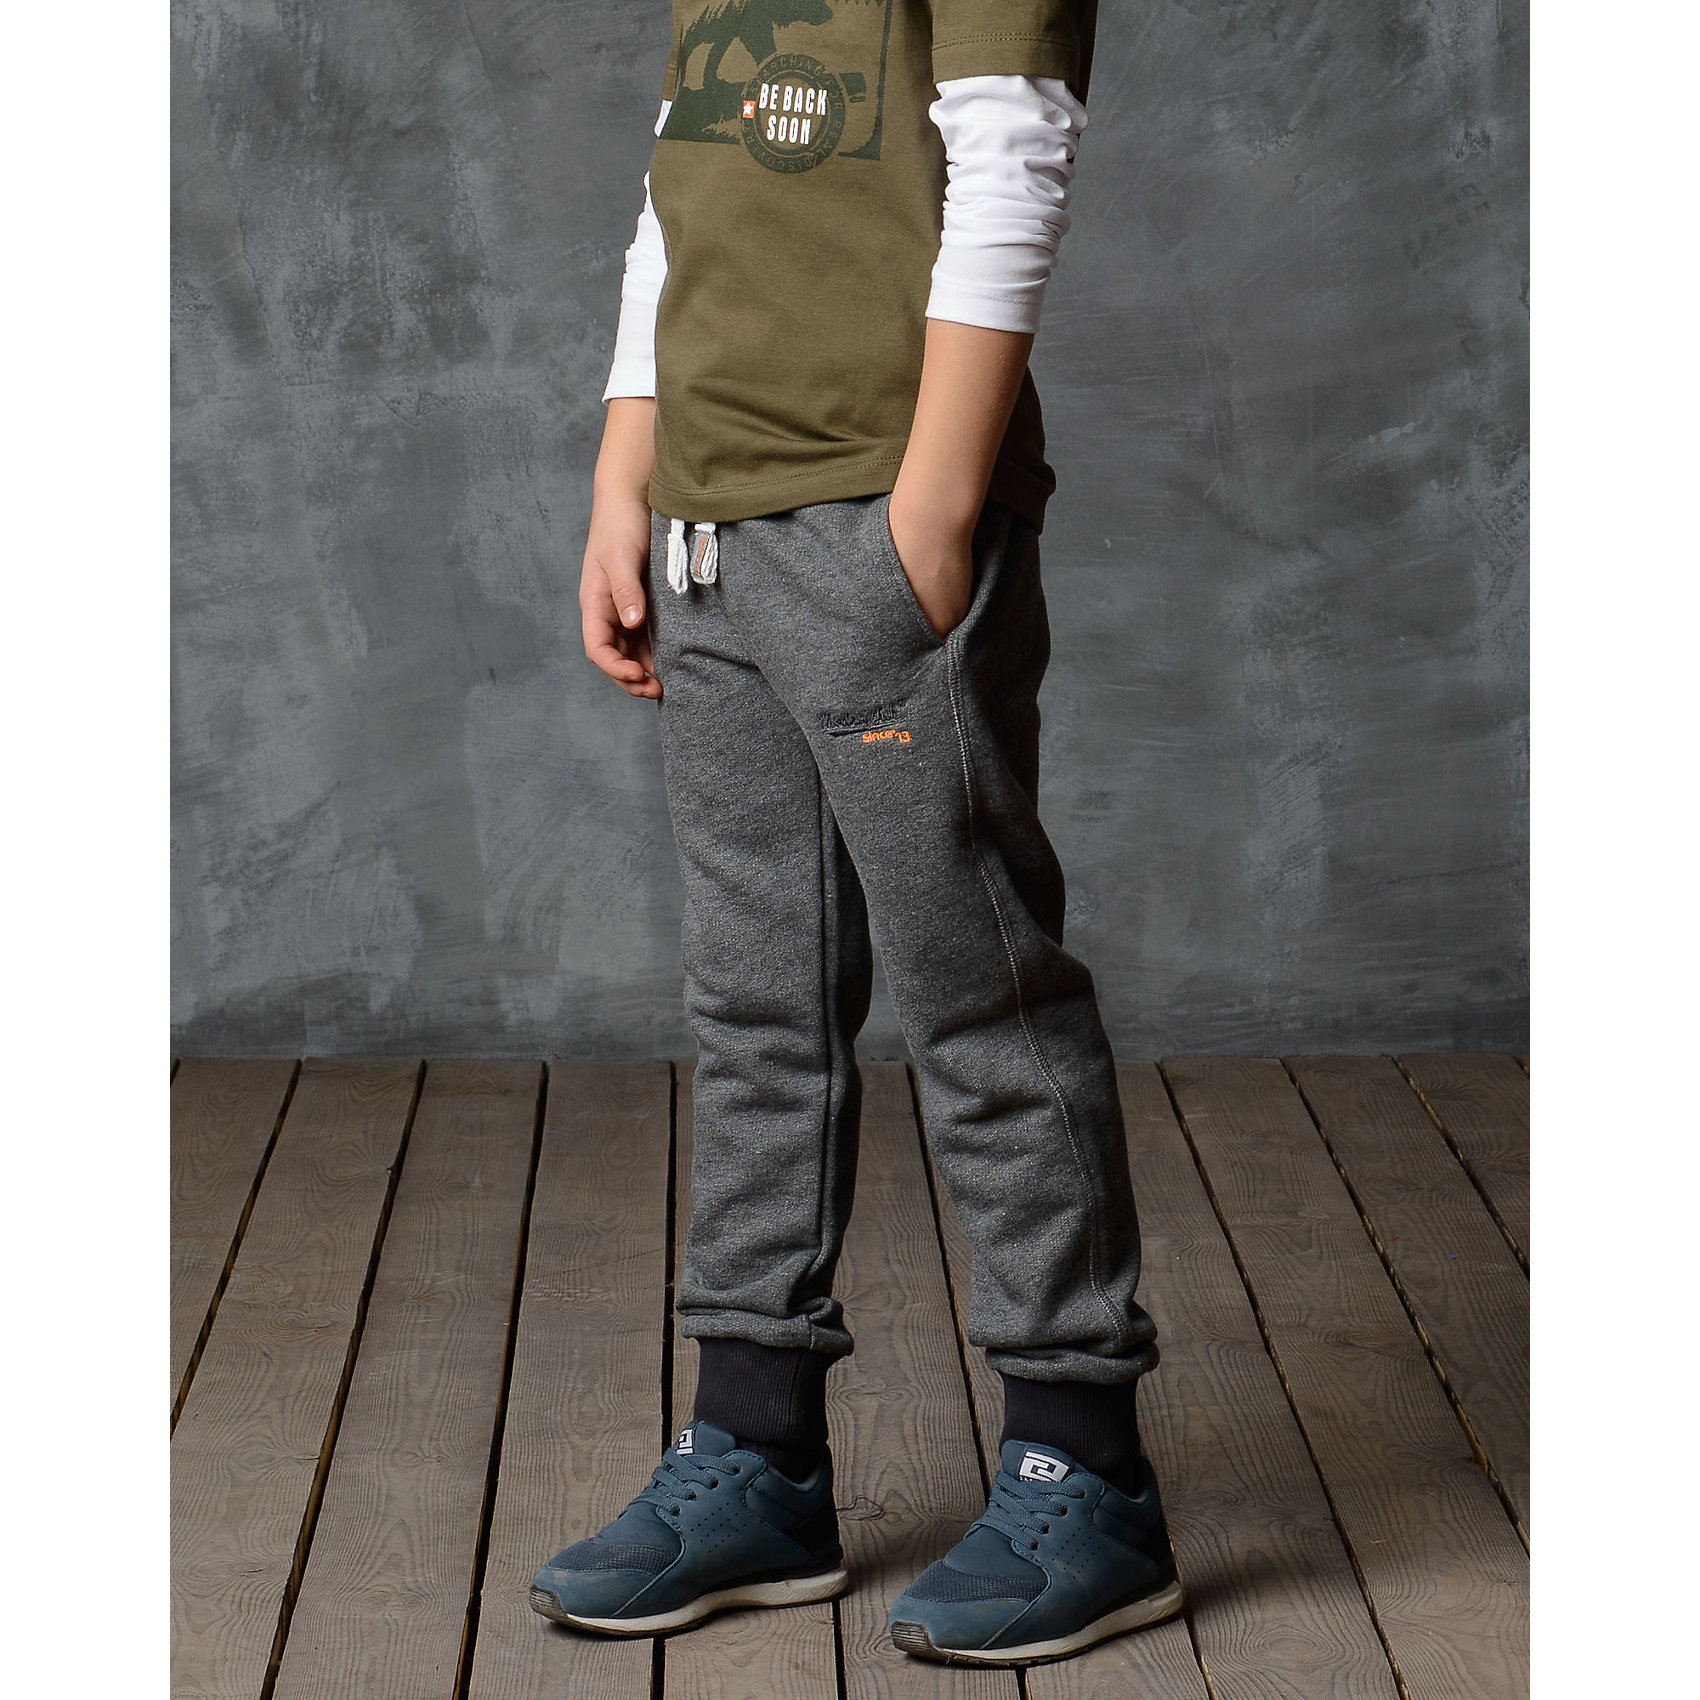 Брюки для мальчика Modniy JukБрюки<br>Характеристики товара:<br><br>• цвет: серый<br>• состав: 70% хлопок, 30% полиэстер<br>• спортивный силуэт<br>• карманы<br>• пояс - мягкая резинка<br>• манжеты<br>• логотип<br>• шнурок в поясе<br><br>• страна бренда: Российская Федерация<br>• страна производства: Российская Федерация<br><br>Модели одежды из новой коллекции от бренда Модный жук - это стильные и удобные вещи, созданные специально для детей. Они отличаются продуманным дизайном, качественными материалами и комфортной посадкой. Дети носят их с удовольствием! Стильные брюки спортивного силуэта - хит сезона, отличный вариант базовой вещи для разной погоды. Они отлично сочетаются с майками, футболками, куртками. Хорошо сидят по фигуре.<br>Одежда и аксессуары от российского бренда Модный жук - это способ пополнить гардероб ребенка модными изделиями по доступной цене. Для их производства используются только безопасные, проверенные материалы и фурнитура. Новая коллекция поддерживает хорошие традиции бренда! <br><br>Брюки для мальчика от популярного бренда Модный жук можно купить в нашем интернет-магазине.<br><br>Ширина мм: 215<br>Глубина мм: 88<br>Высота мм: 191<br>Вес г: 336<br>Цвет: серый<br>Возраст от месяцев: 24<br>Возраст до месяцев: 36<br>Пол: Мужской<br>Возраст: Детский<br>Размер: 98,86,92<br>SKU: 5613612